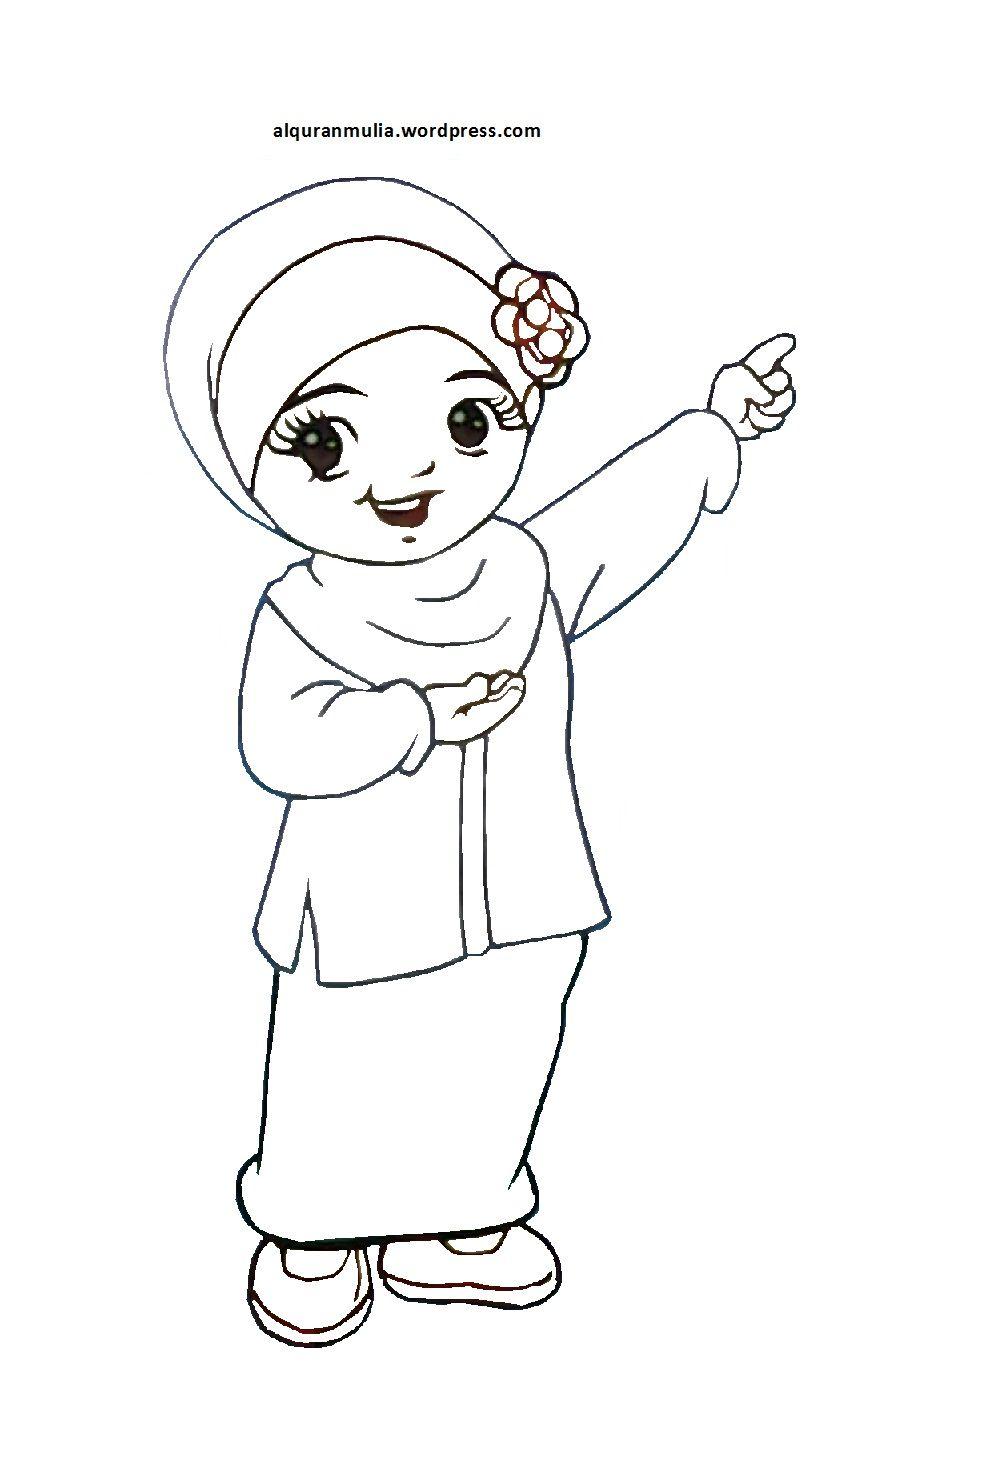 810 Gambar Mewarna Kartun Anak Muslim Gratis